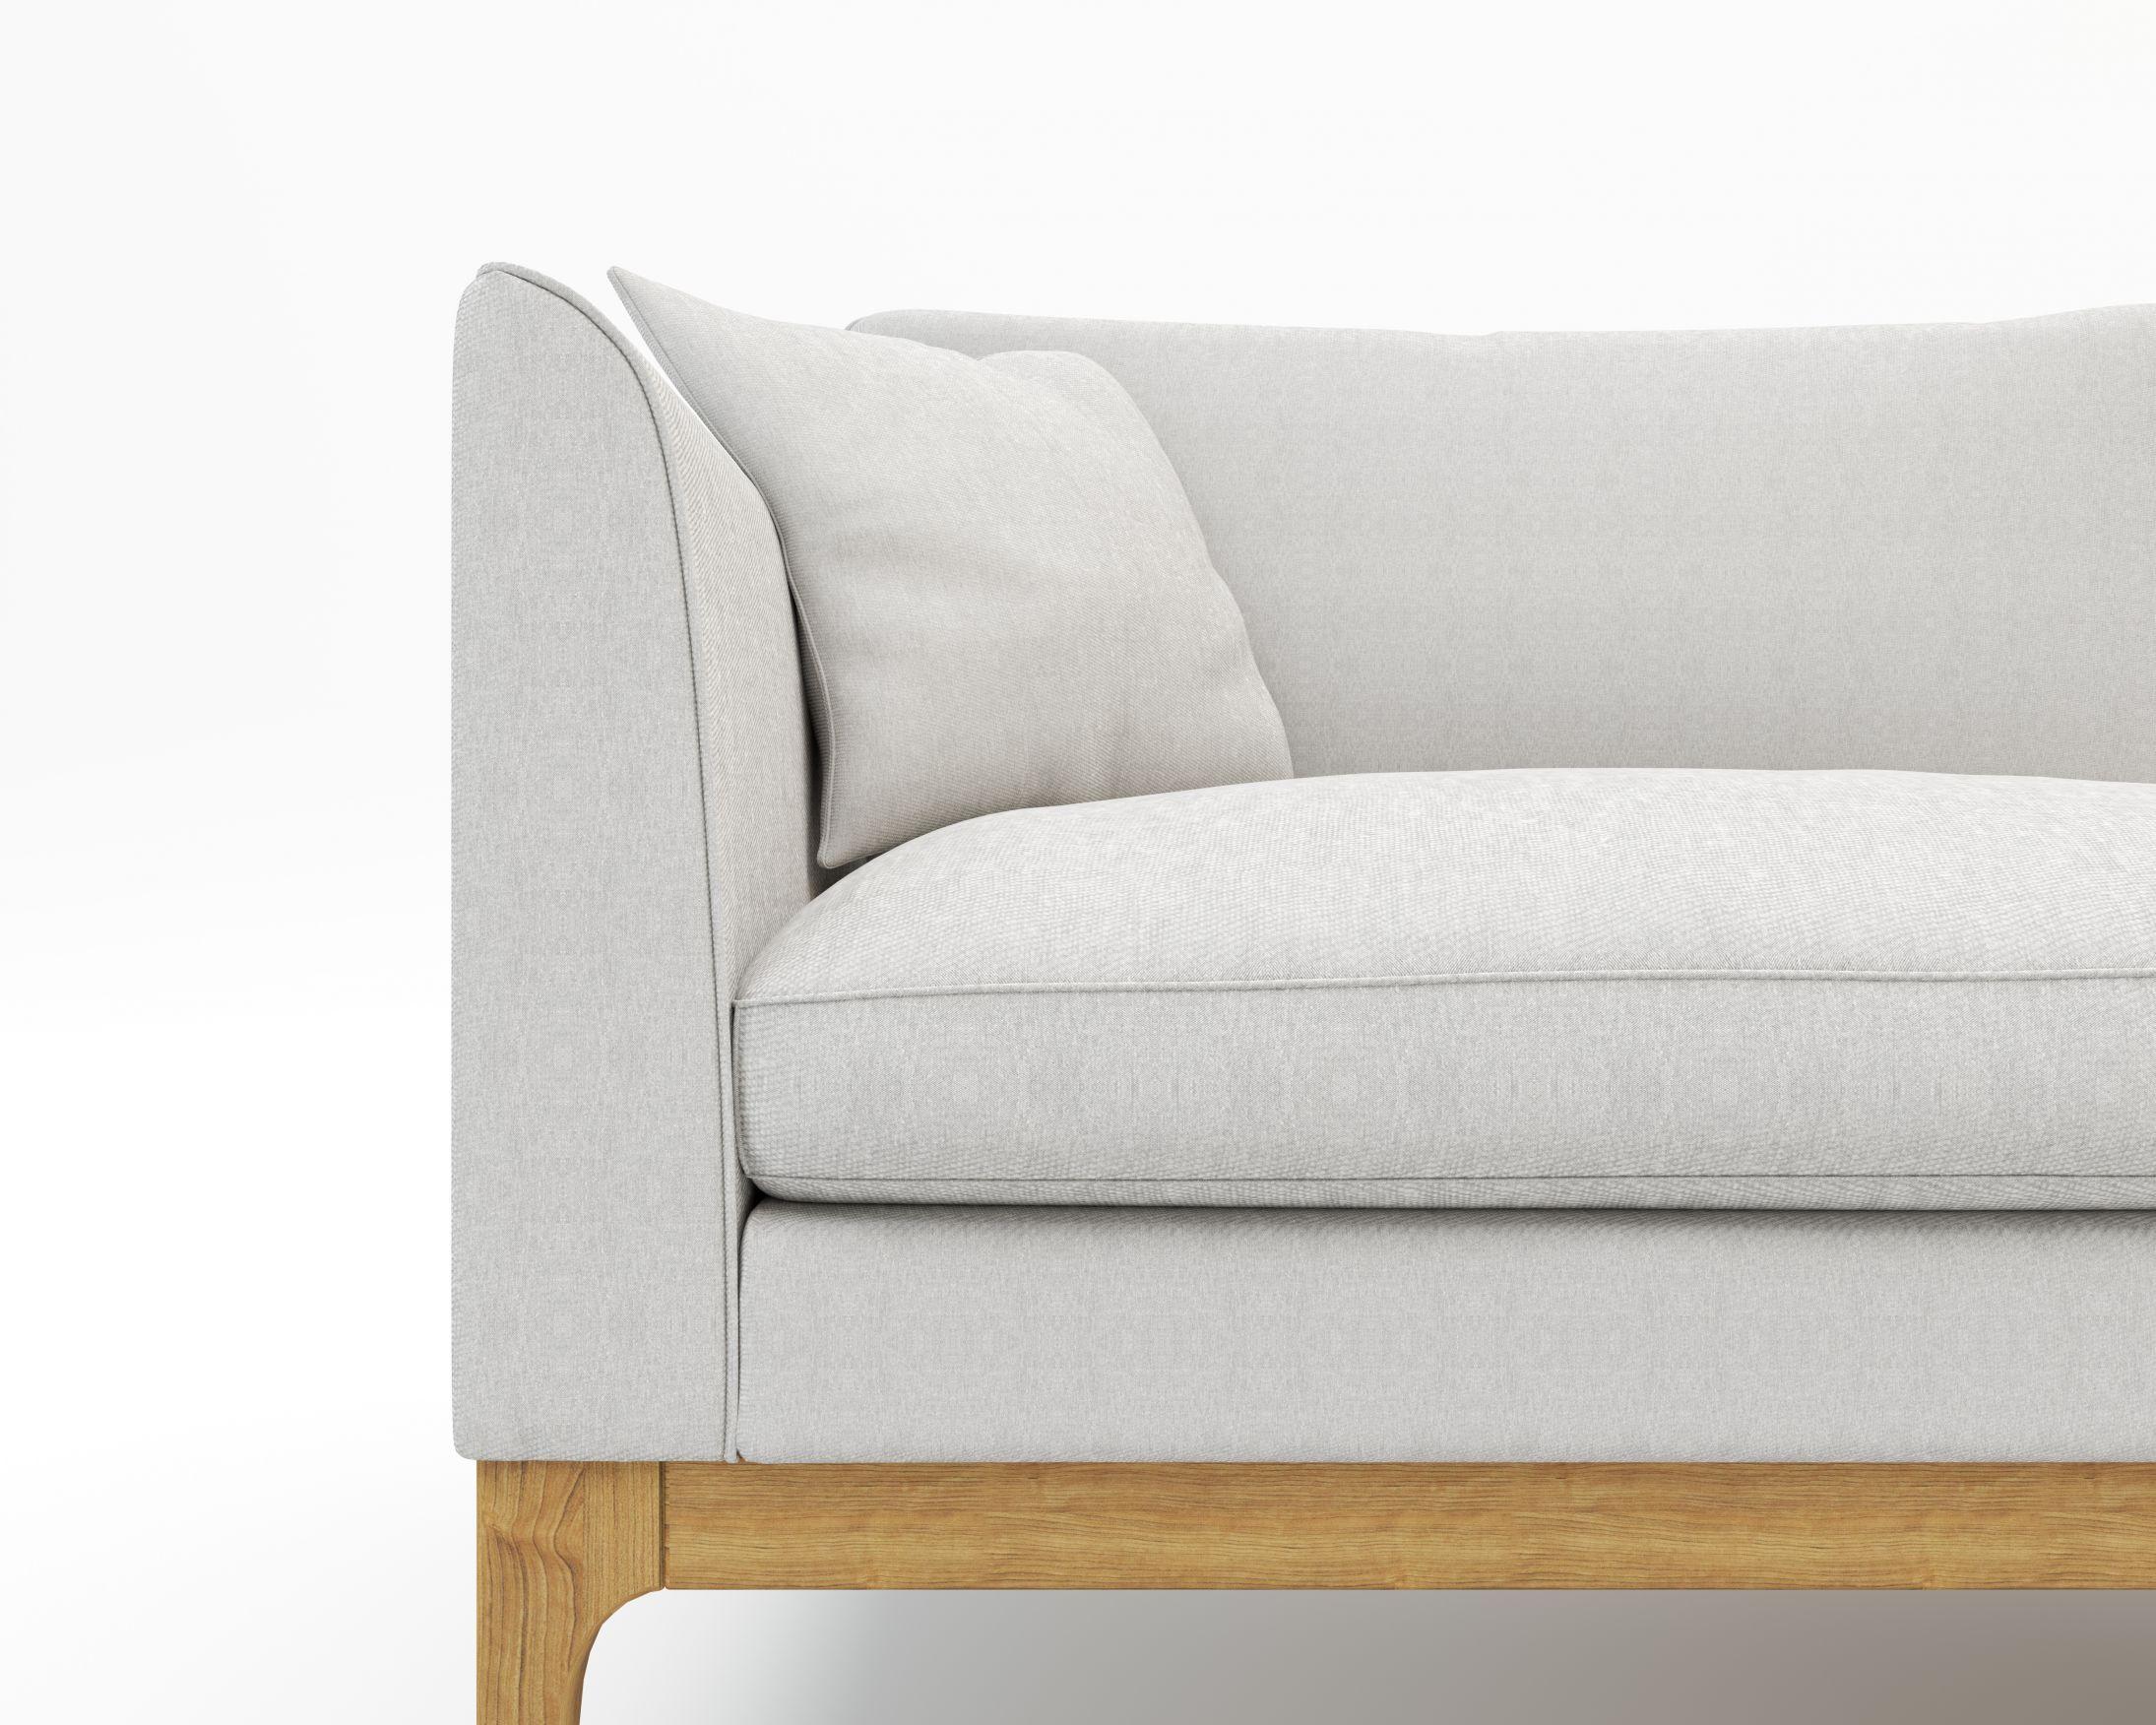 Loren Sofa Rove Kure Scandinavian Design Sofa Scandinavian Style Sofa Sofa Design